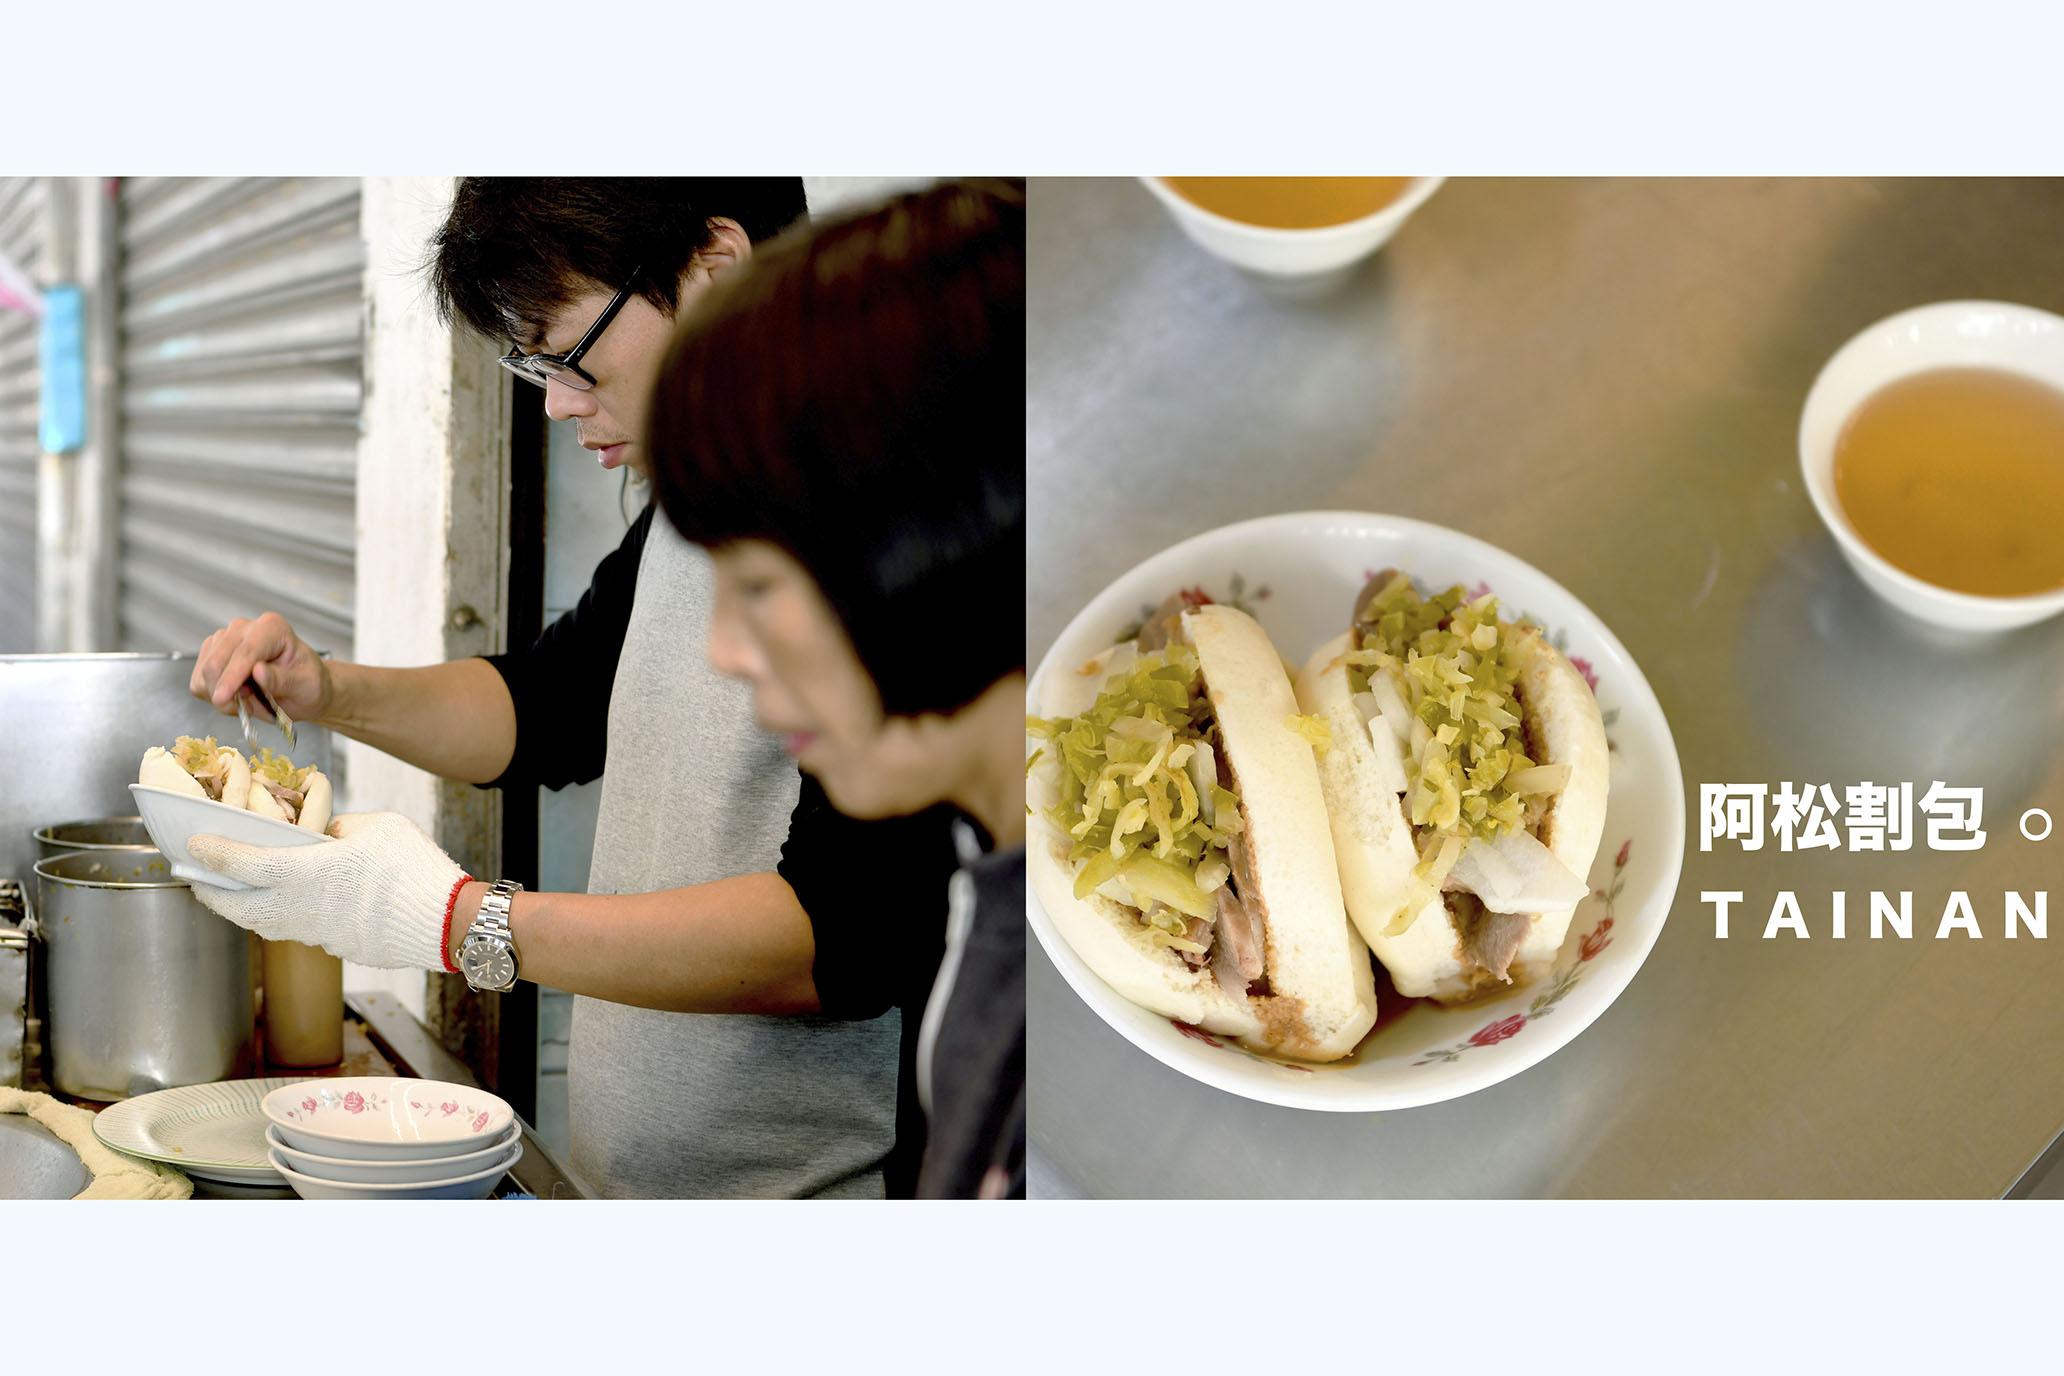 記憶裡的味道,讓我們成了台南的俘虜|5家台南古早味